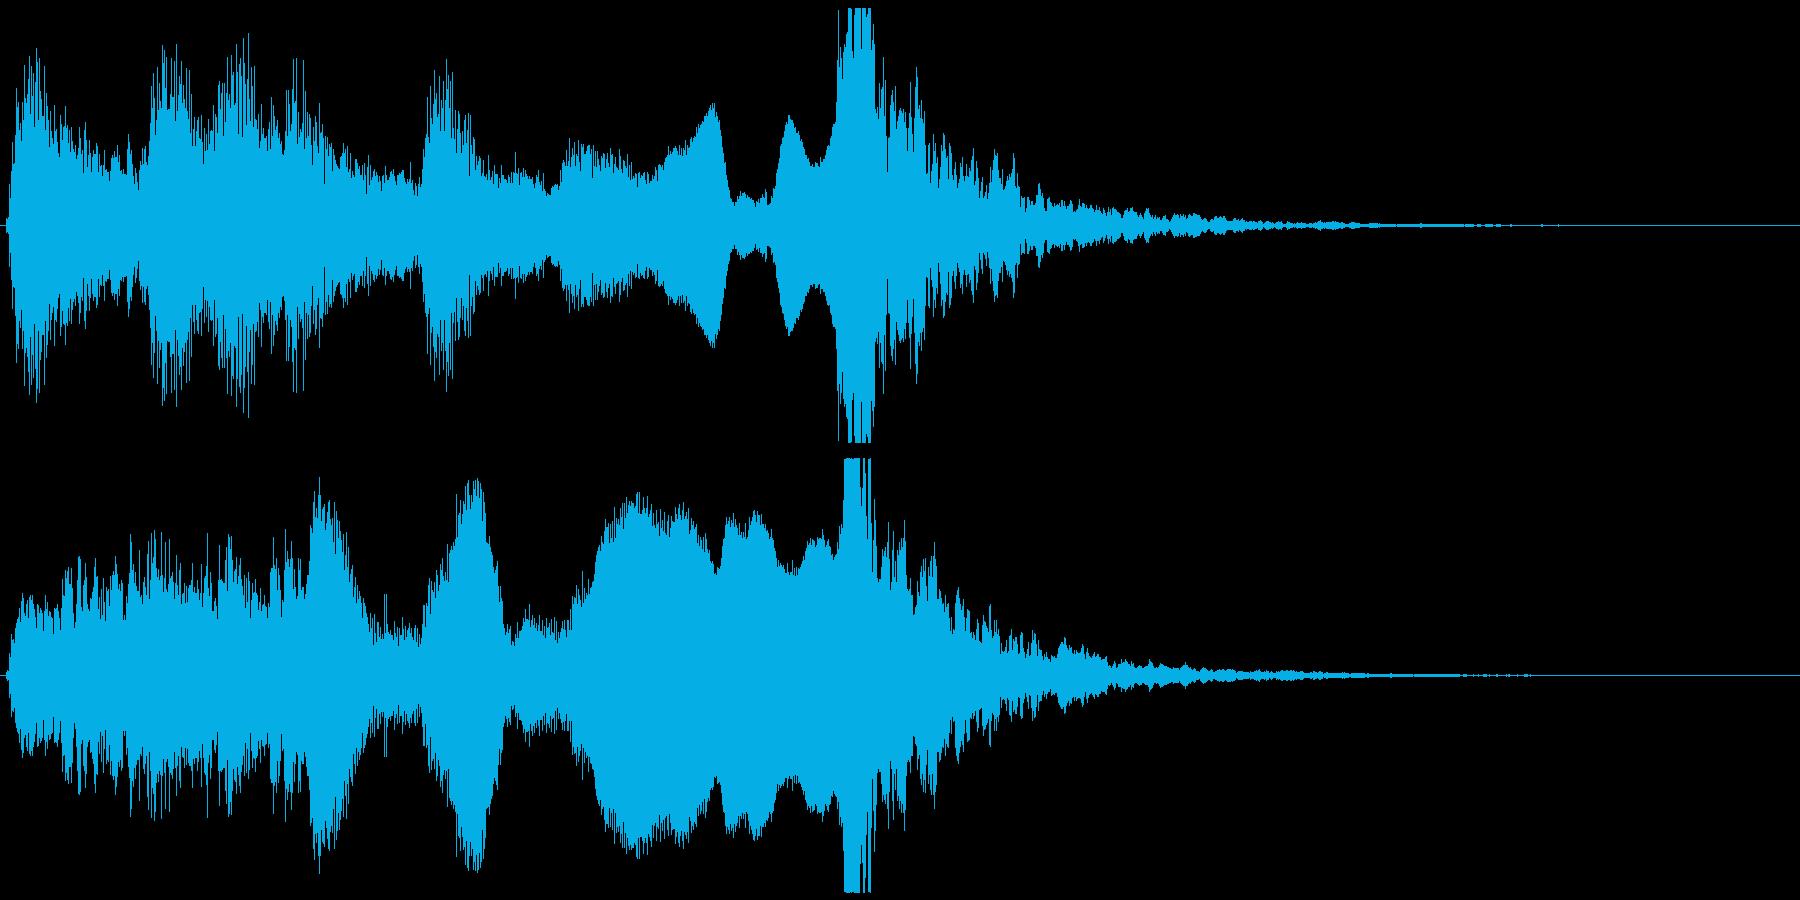 尺八と小鼓ポンッ!の短いジングルの再生済みの波形